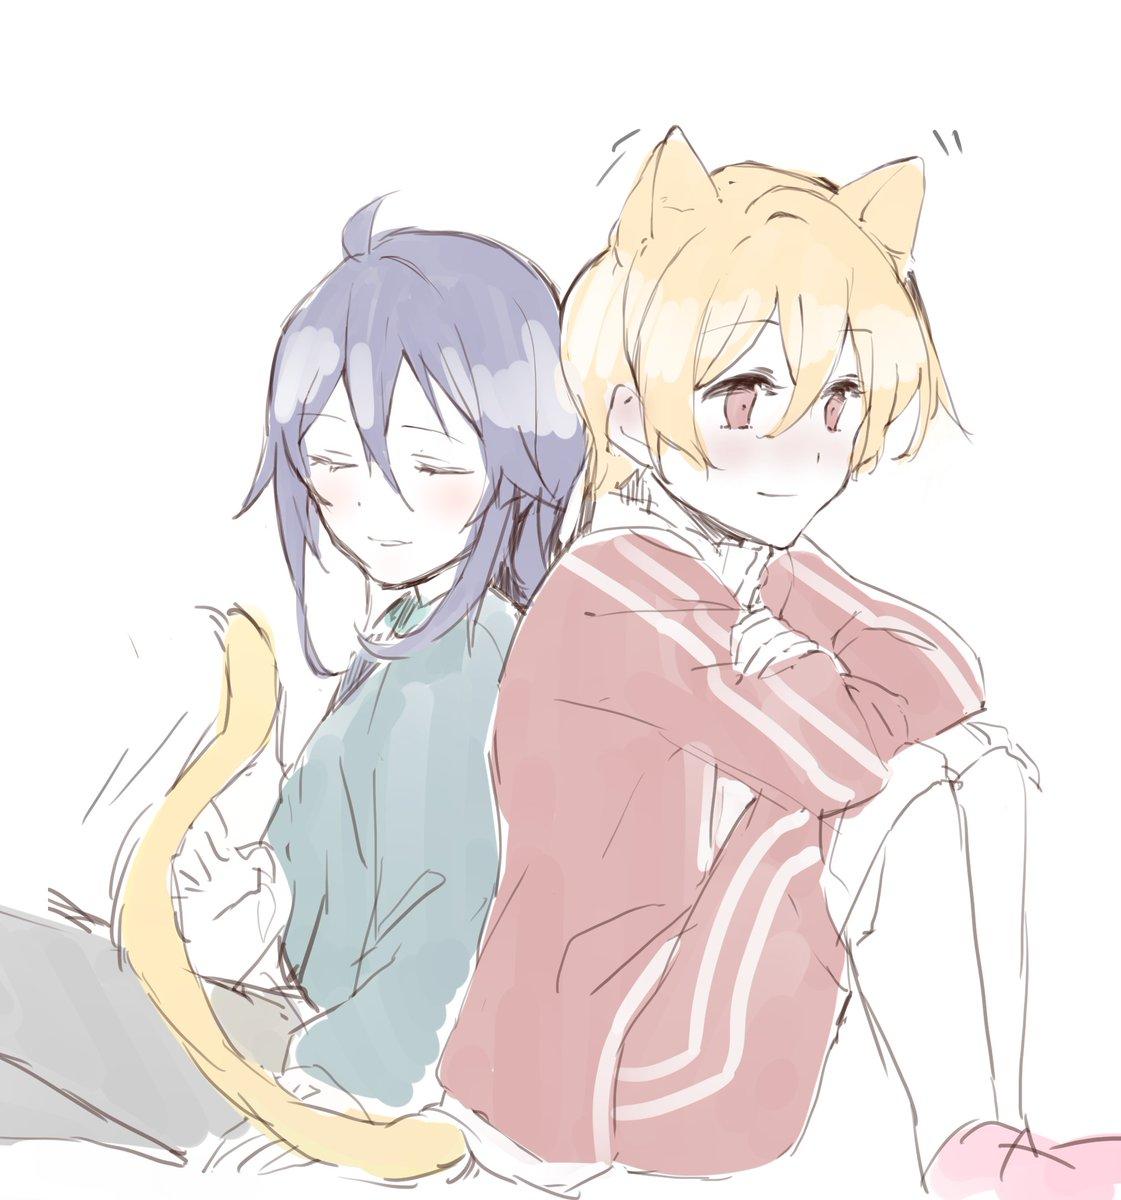 #ルイミト きみのそばは おちつくなぁ ろー先生のルイミトに触発されて拾い猫ルイと飼い主ミトらくがき